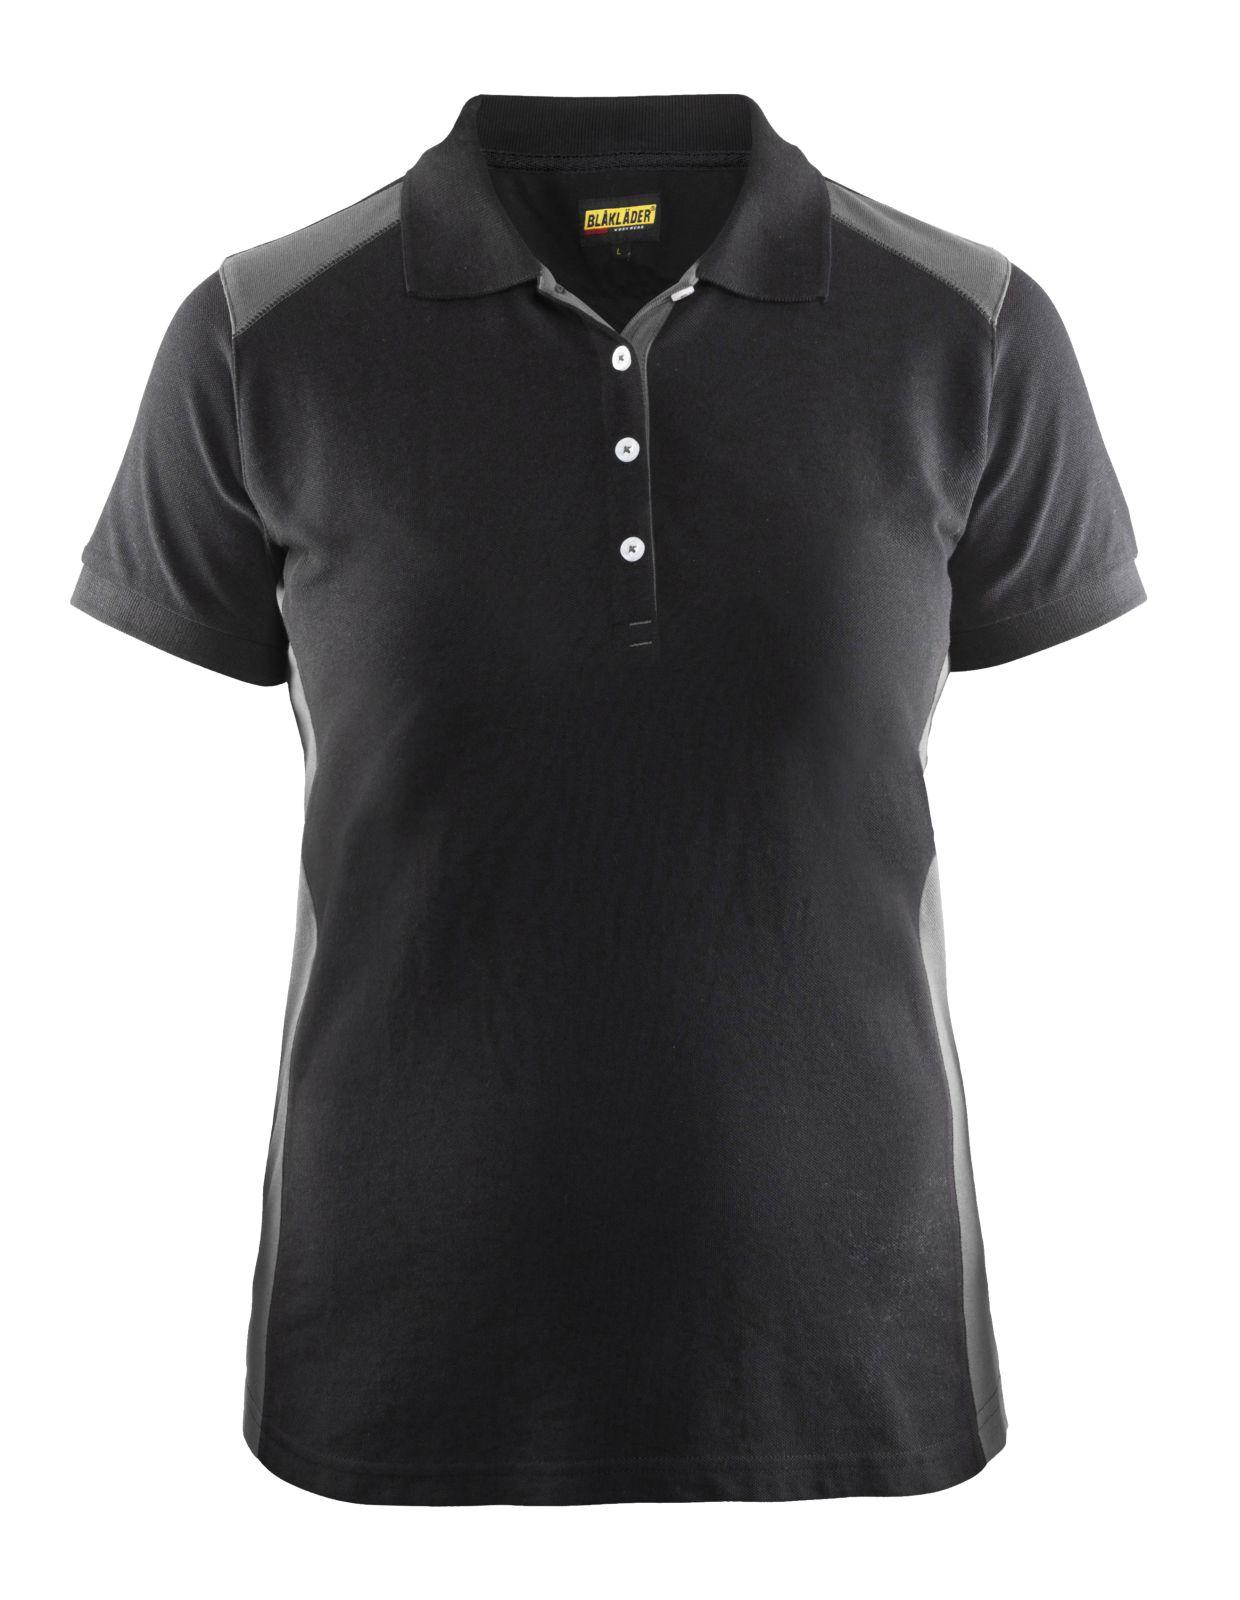 Blaklader Dames polo shirts 33901050 zwart-grijs(9994)